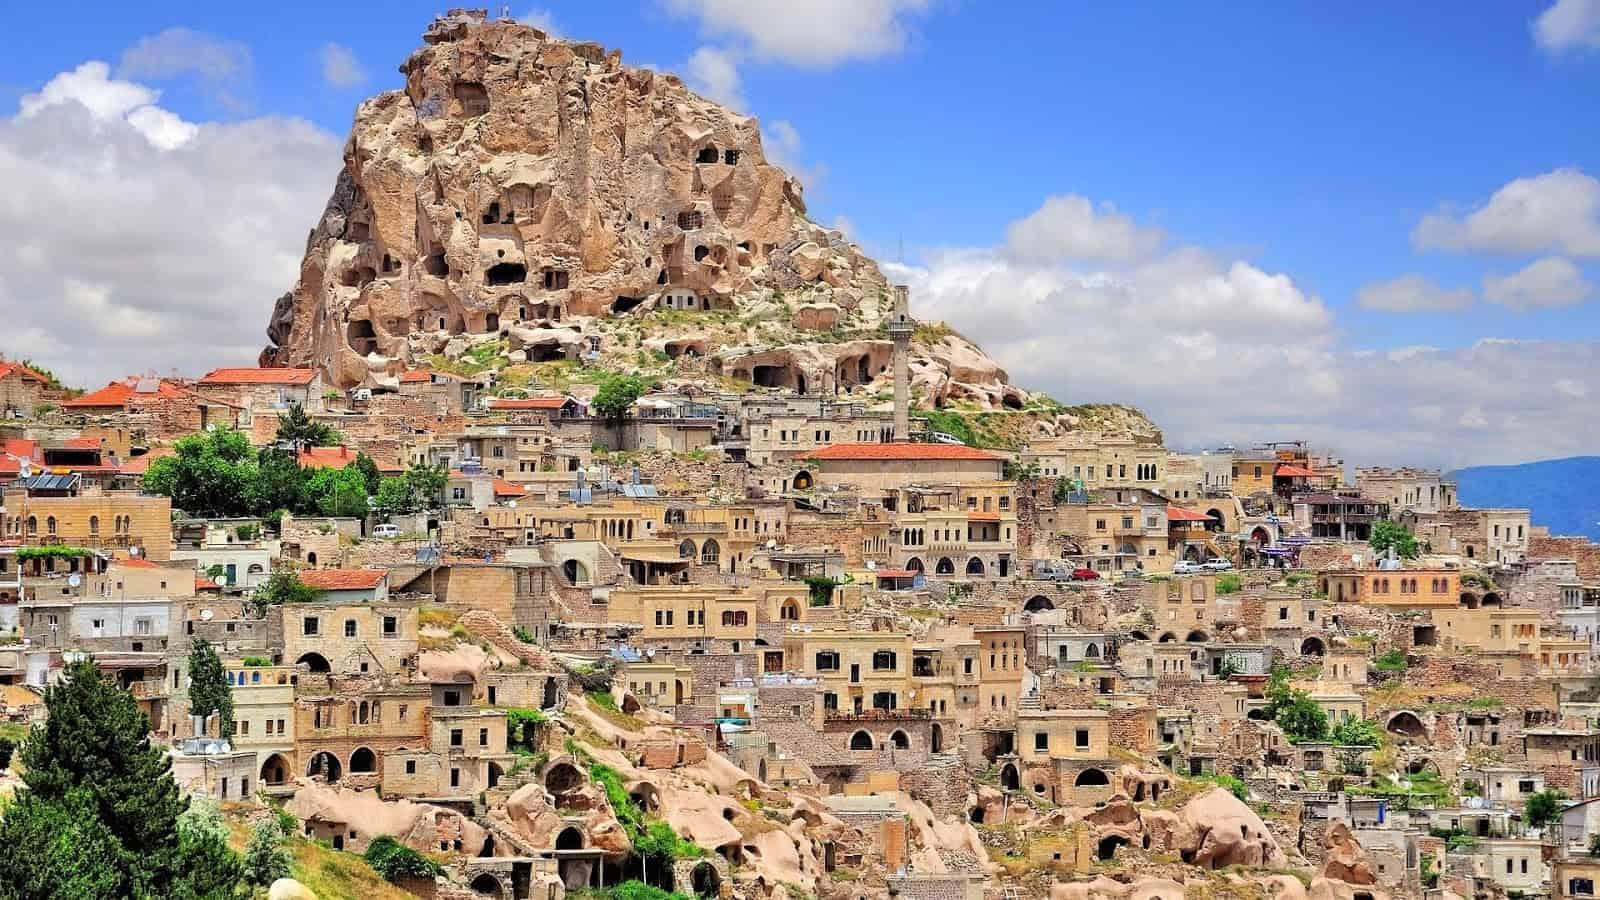 تقرير  مدينة نيوشهير كابادوكيا في تركيا من المسافرون العرب